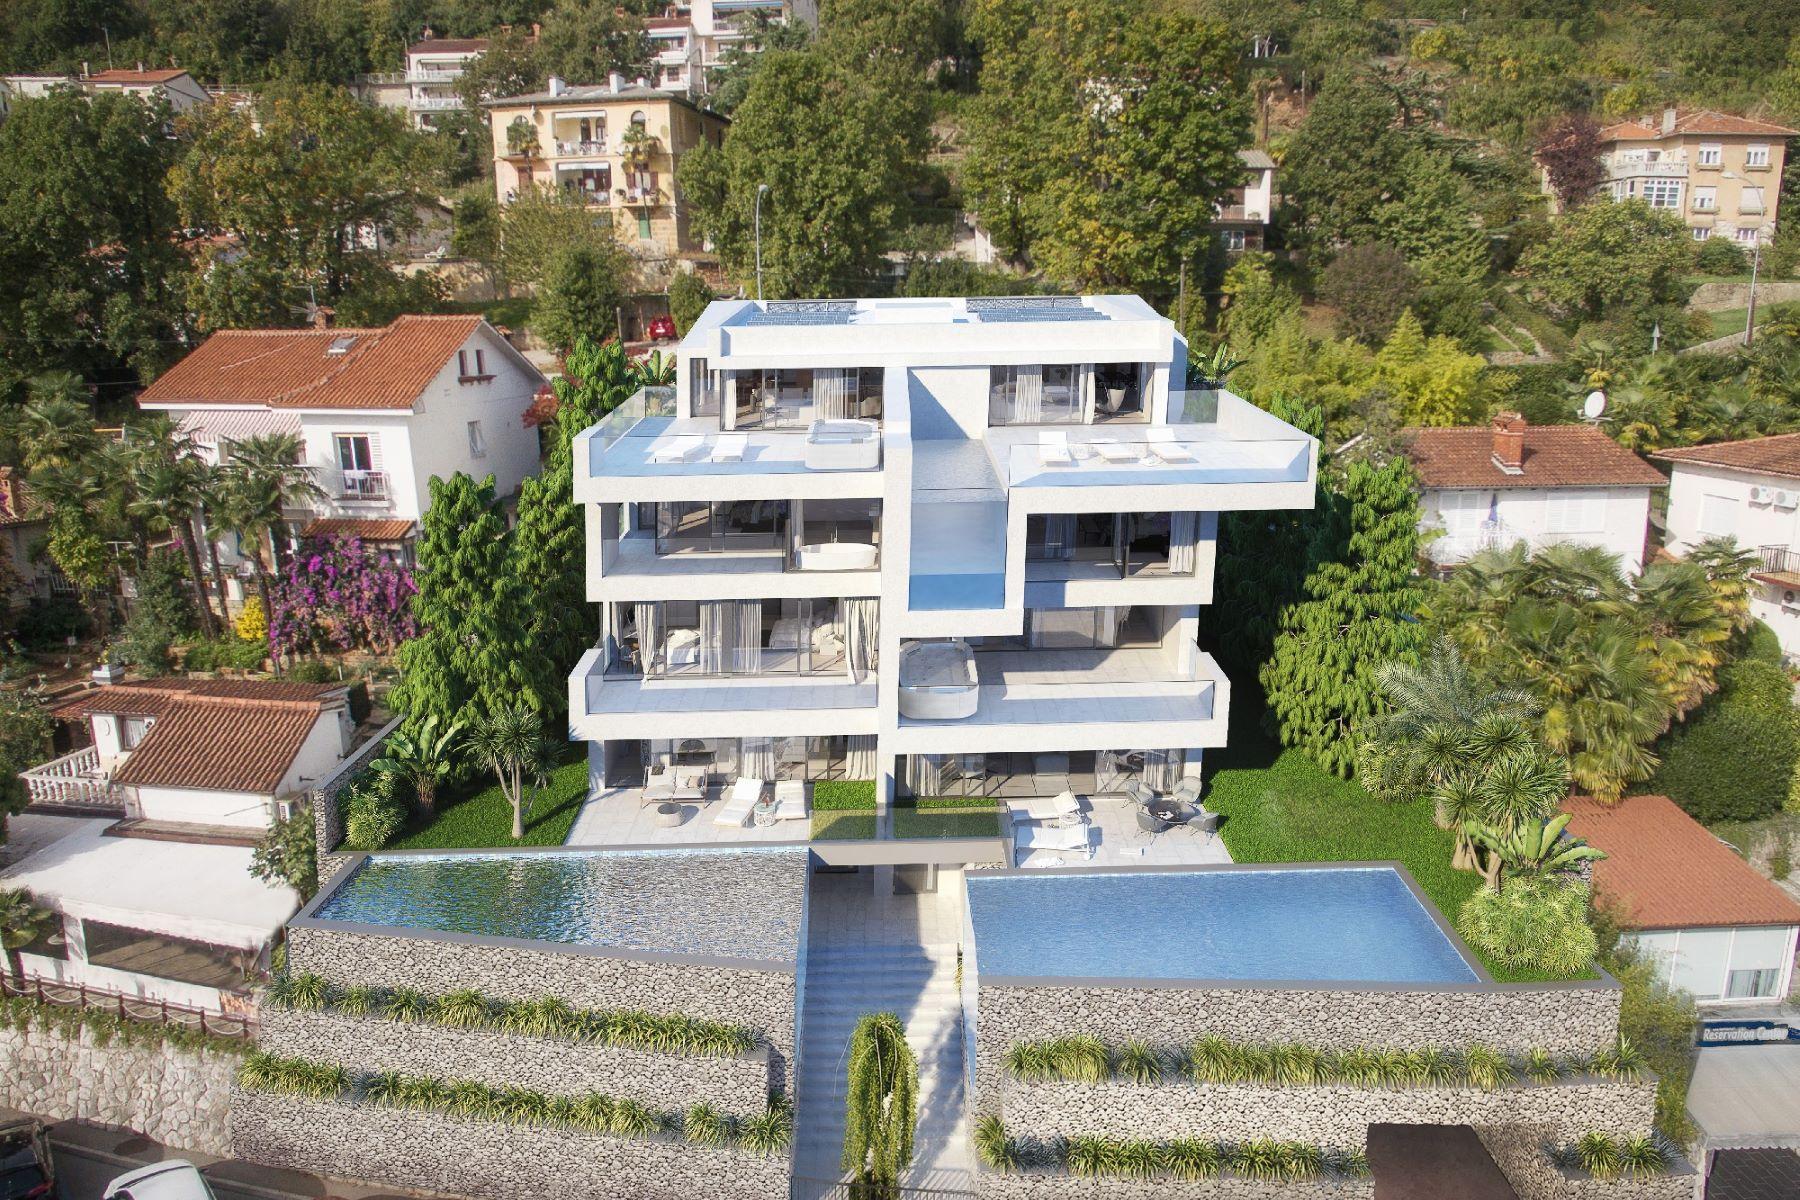 شقة للـ Sale في Apartment Pear Diamond Other Primorje Gorski, Primorje Gorski, 51410 Croatia